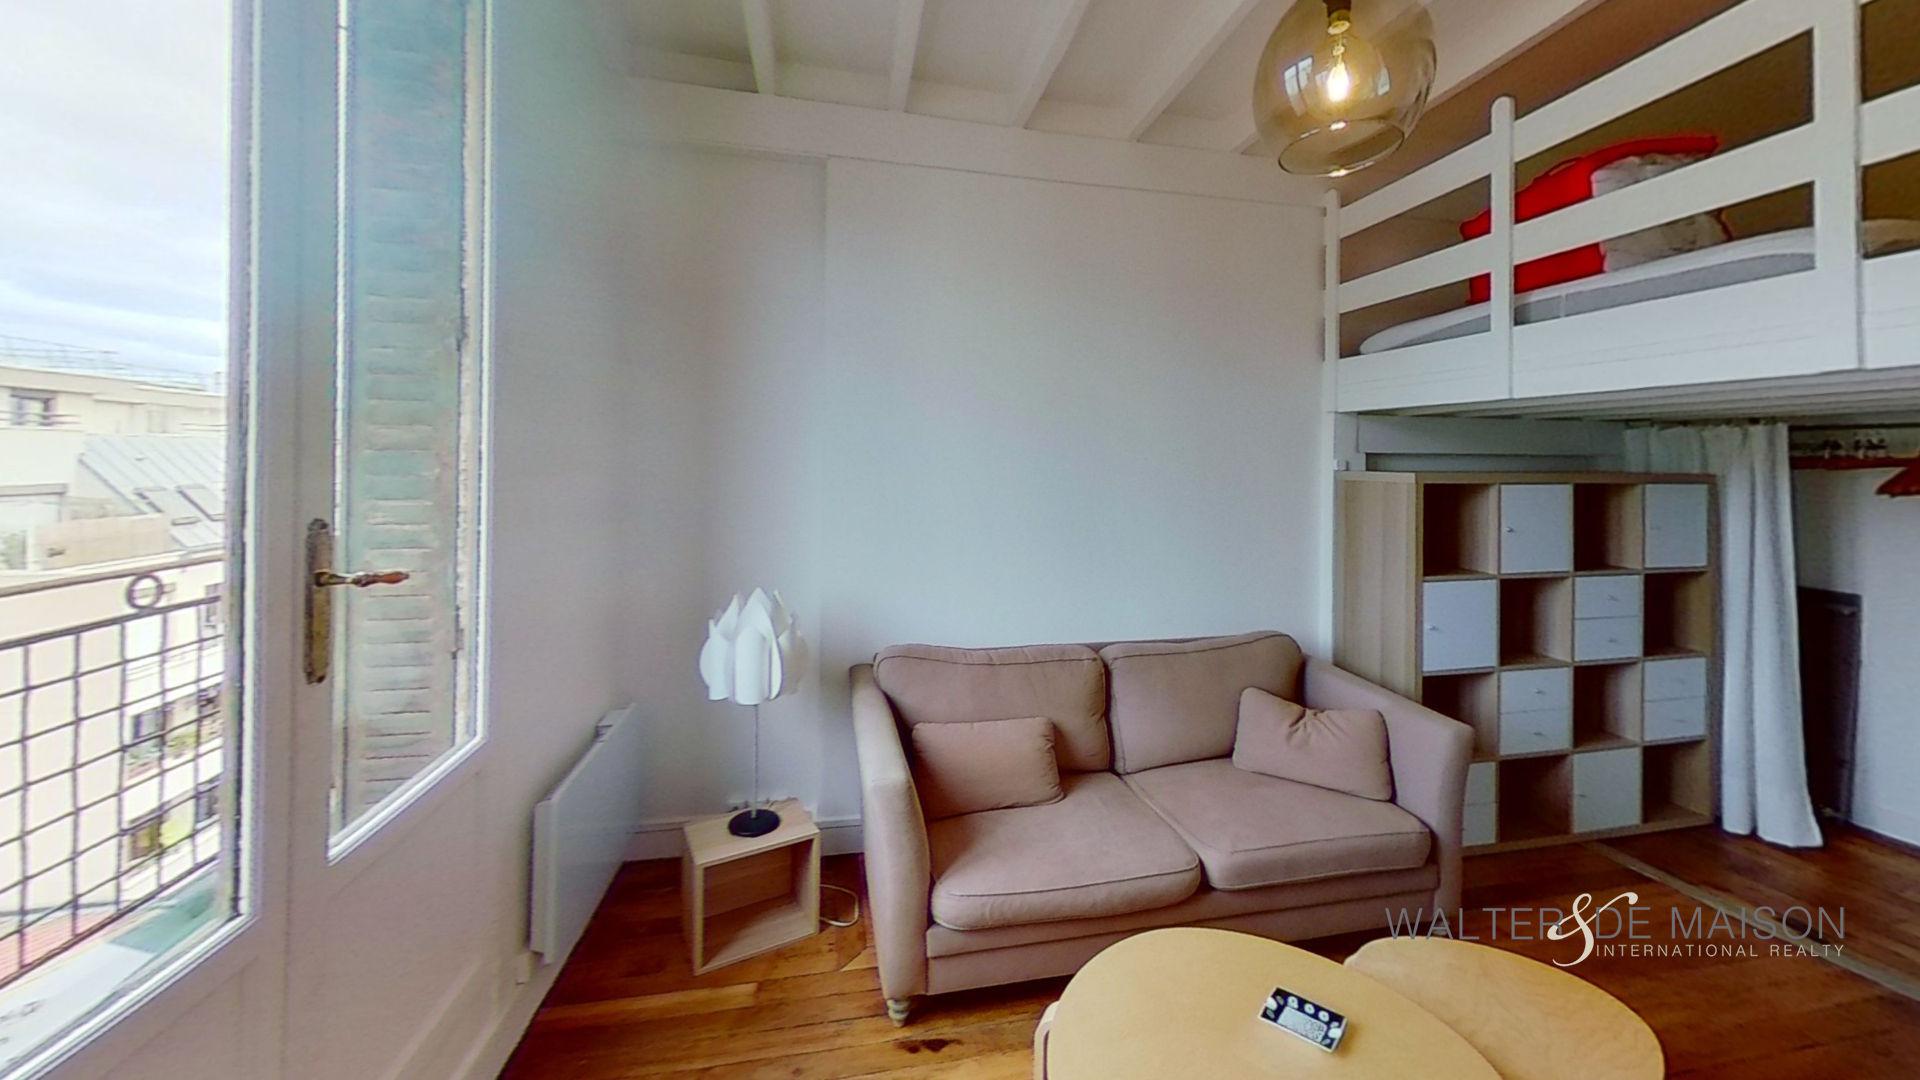 Appartement 2 pièce(s) 30 m²                         92150 SURESNES